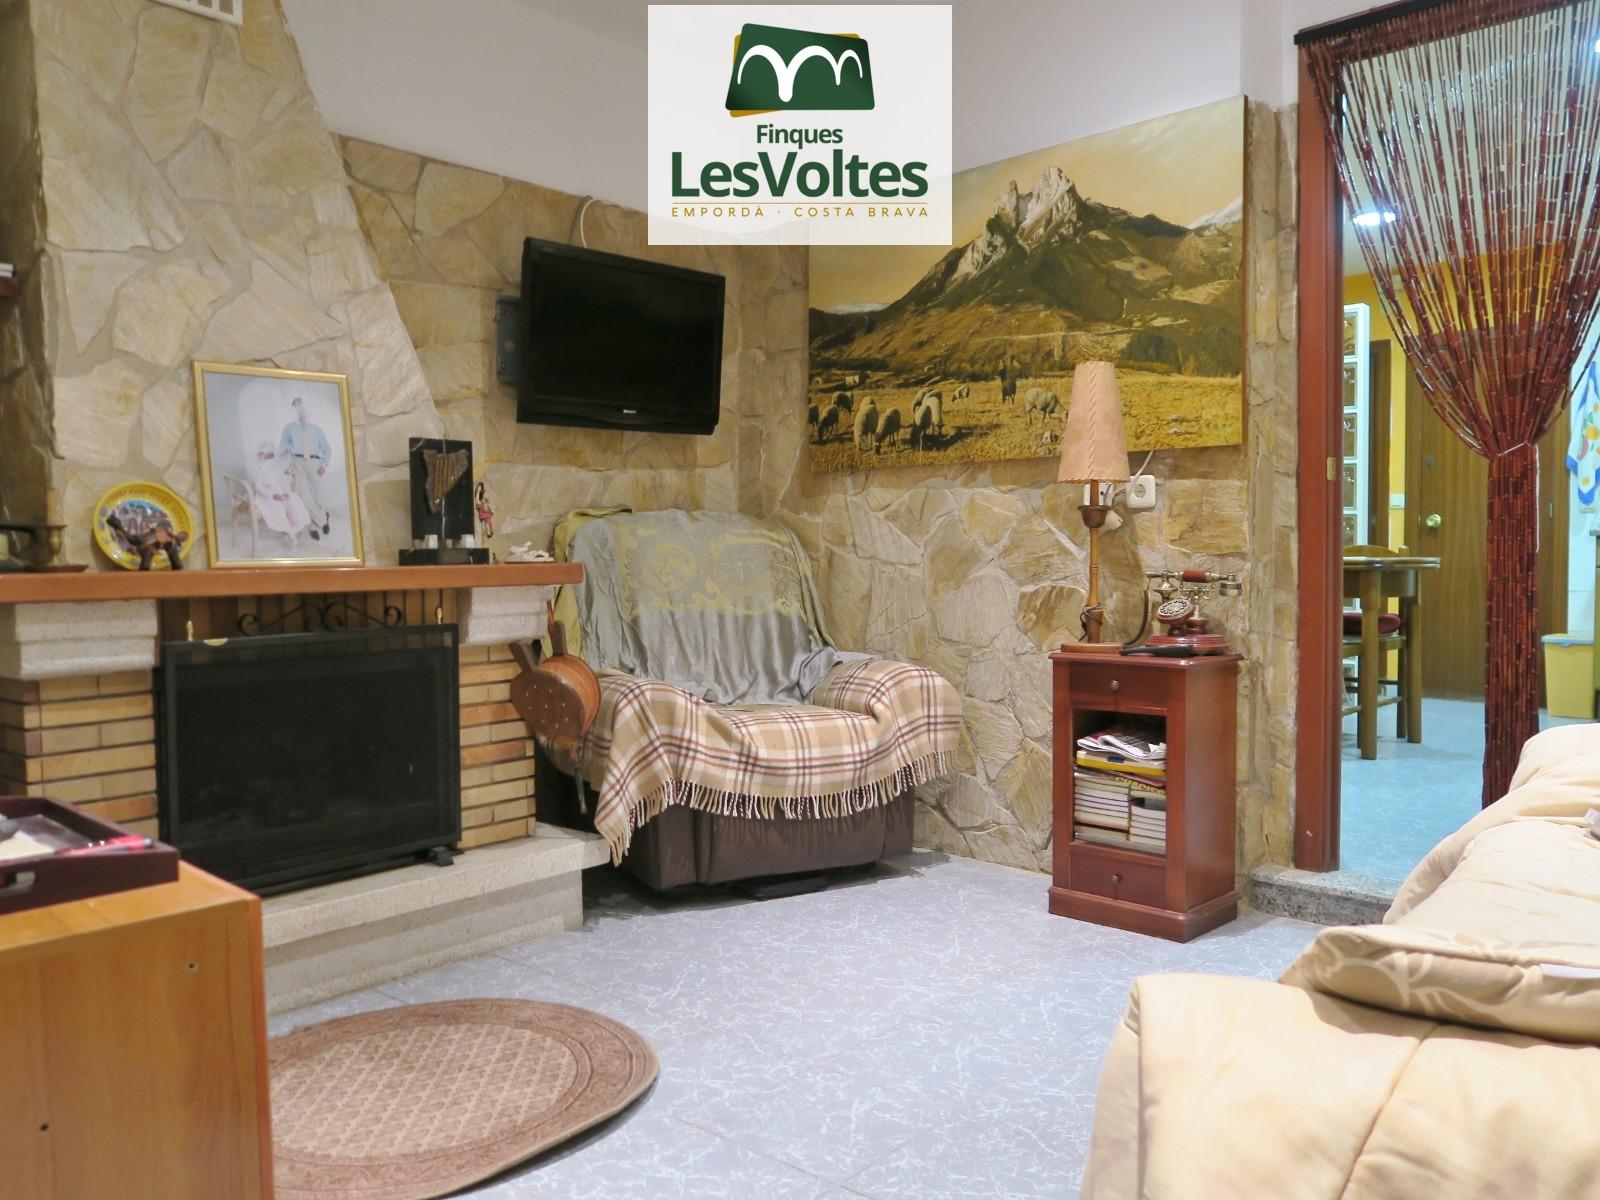 Casa de 150 m², 3 dormitoris, pati i terrassa en venda a Flaçà